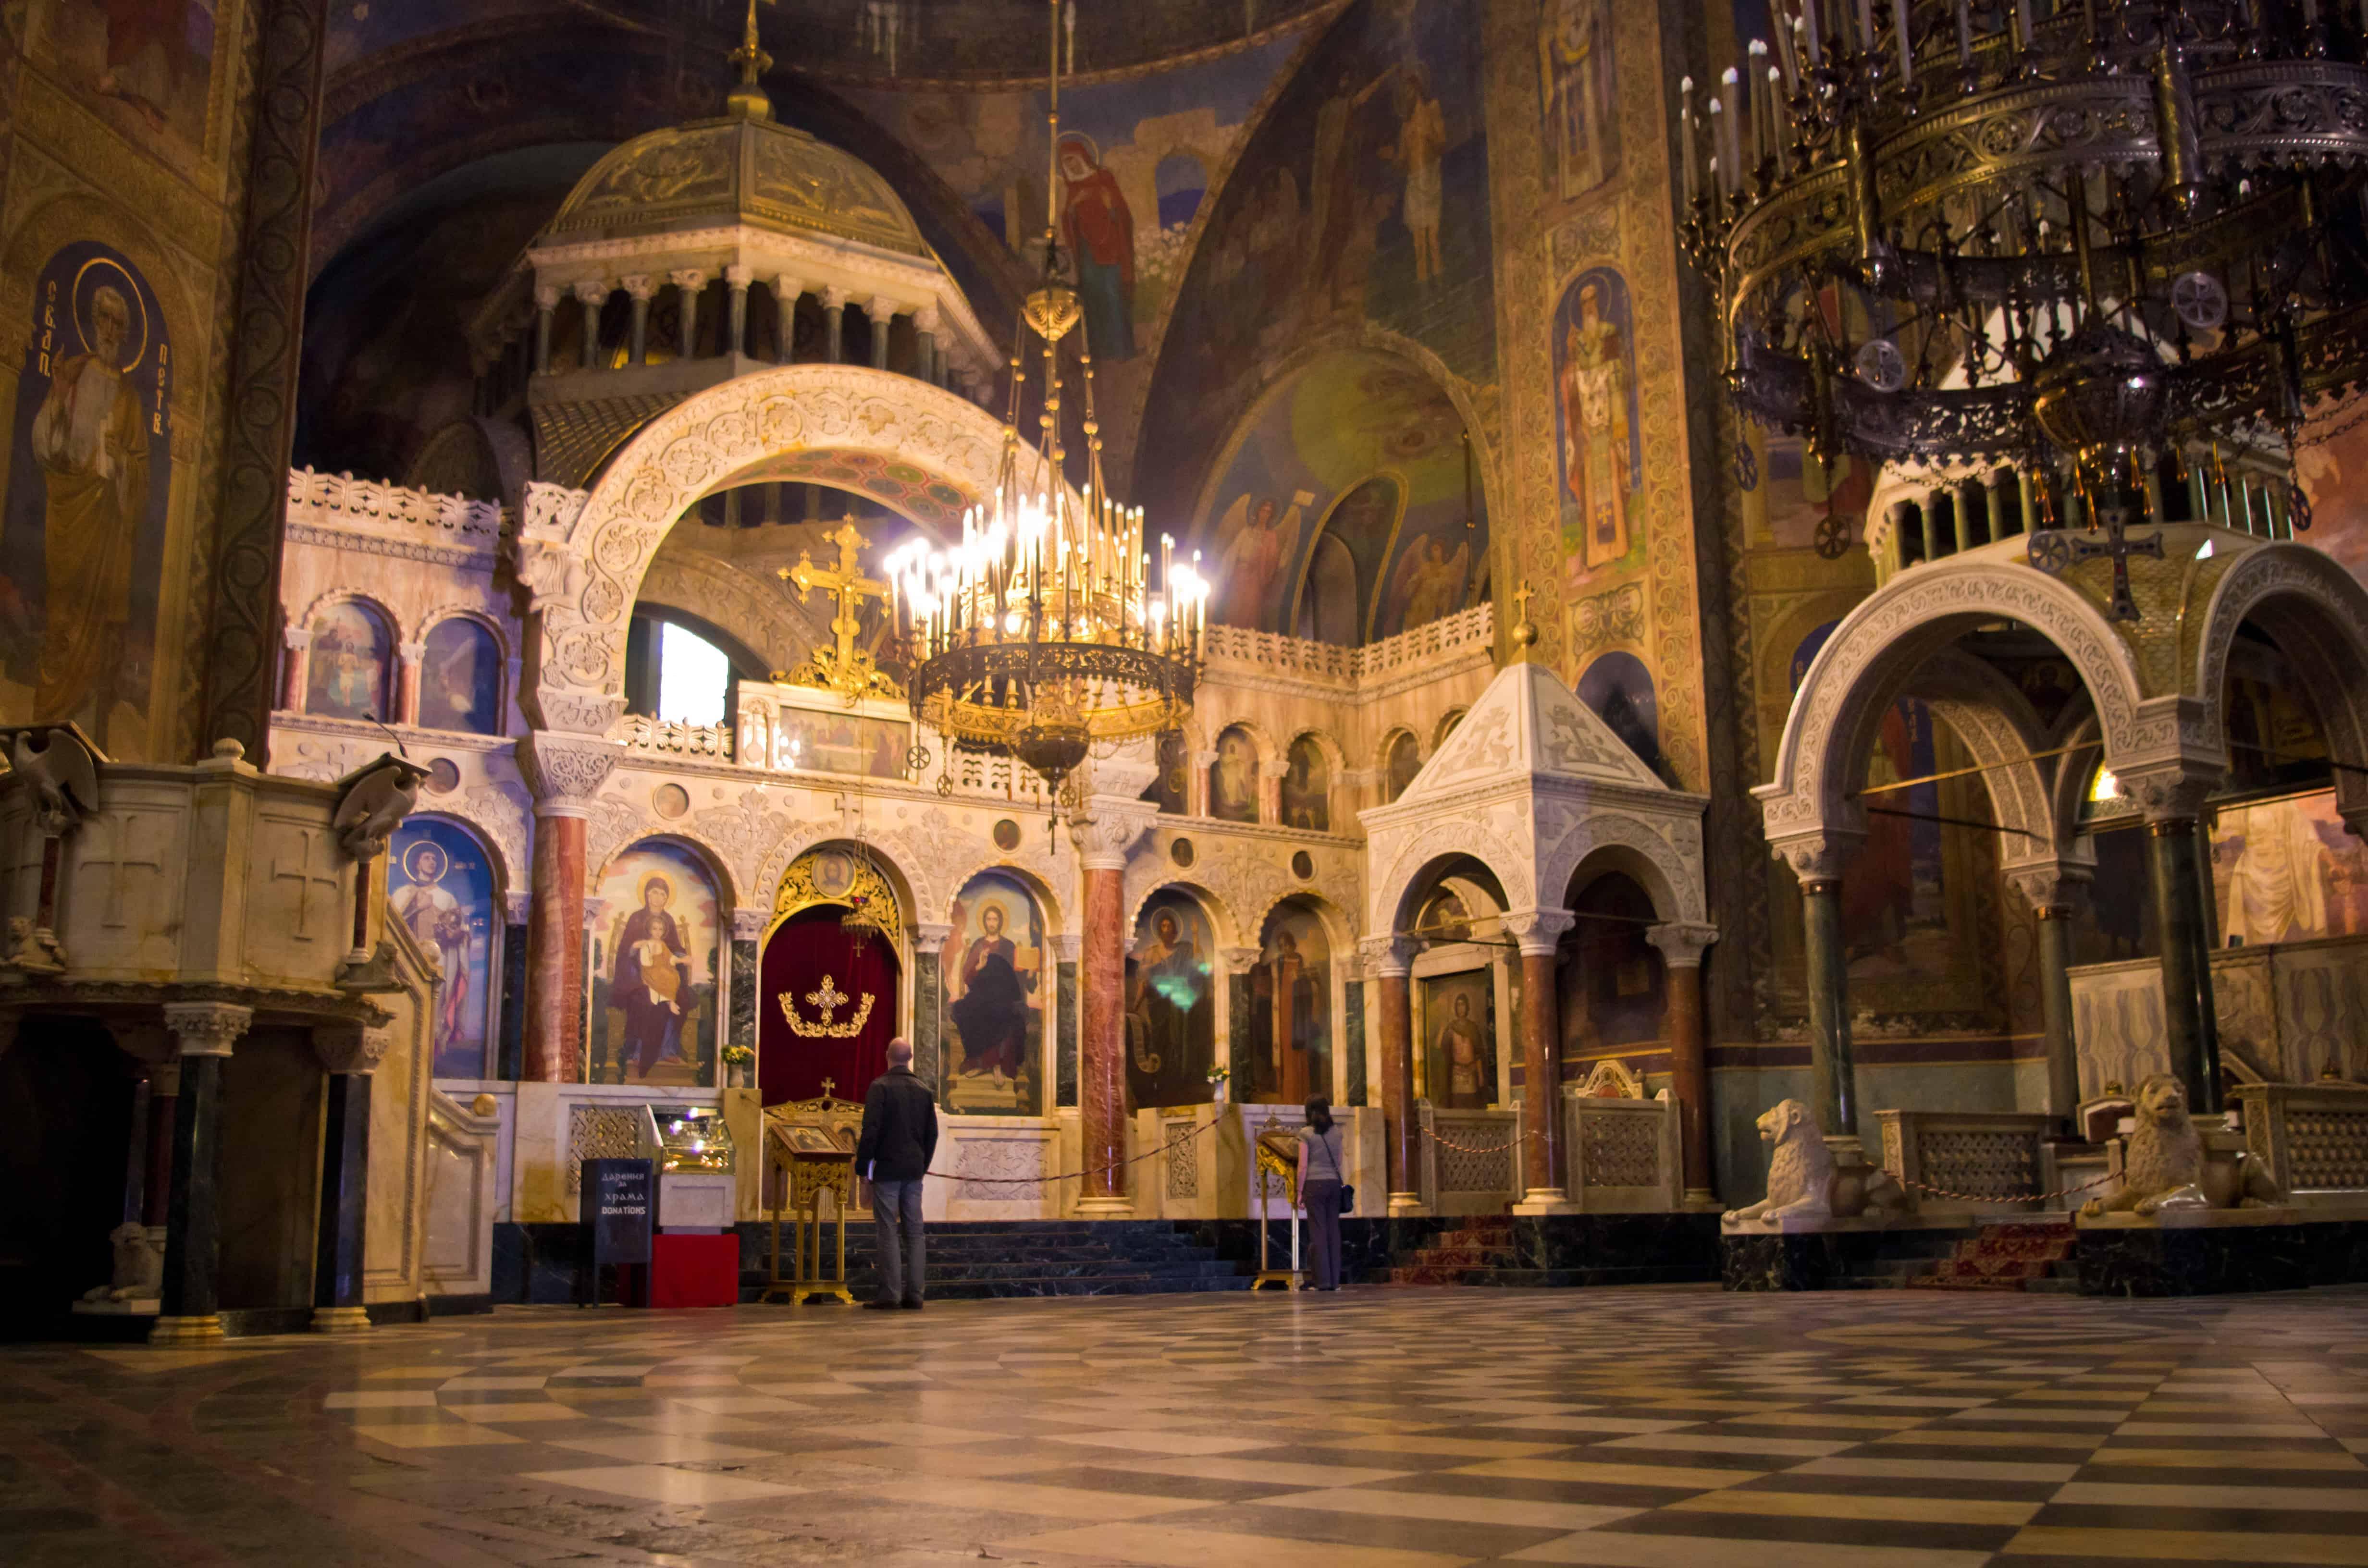 Inside of the Alexander Nevsky Cathedral